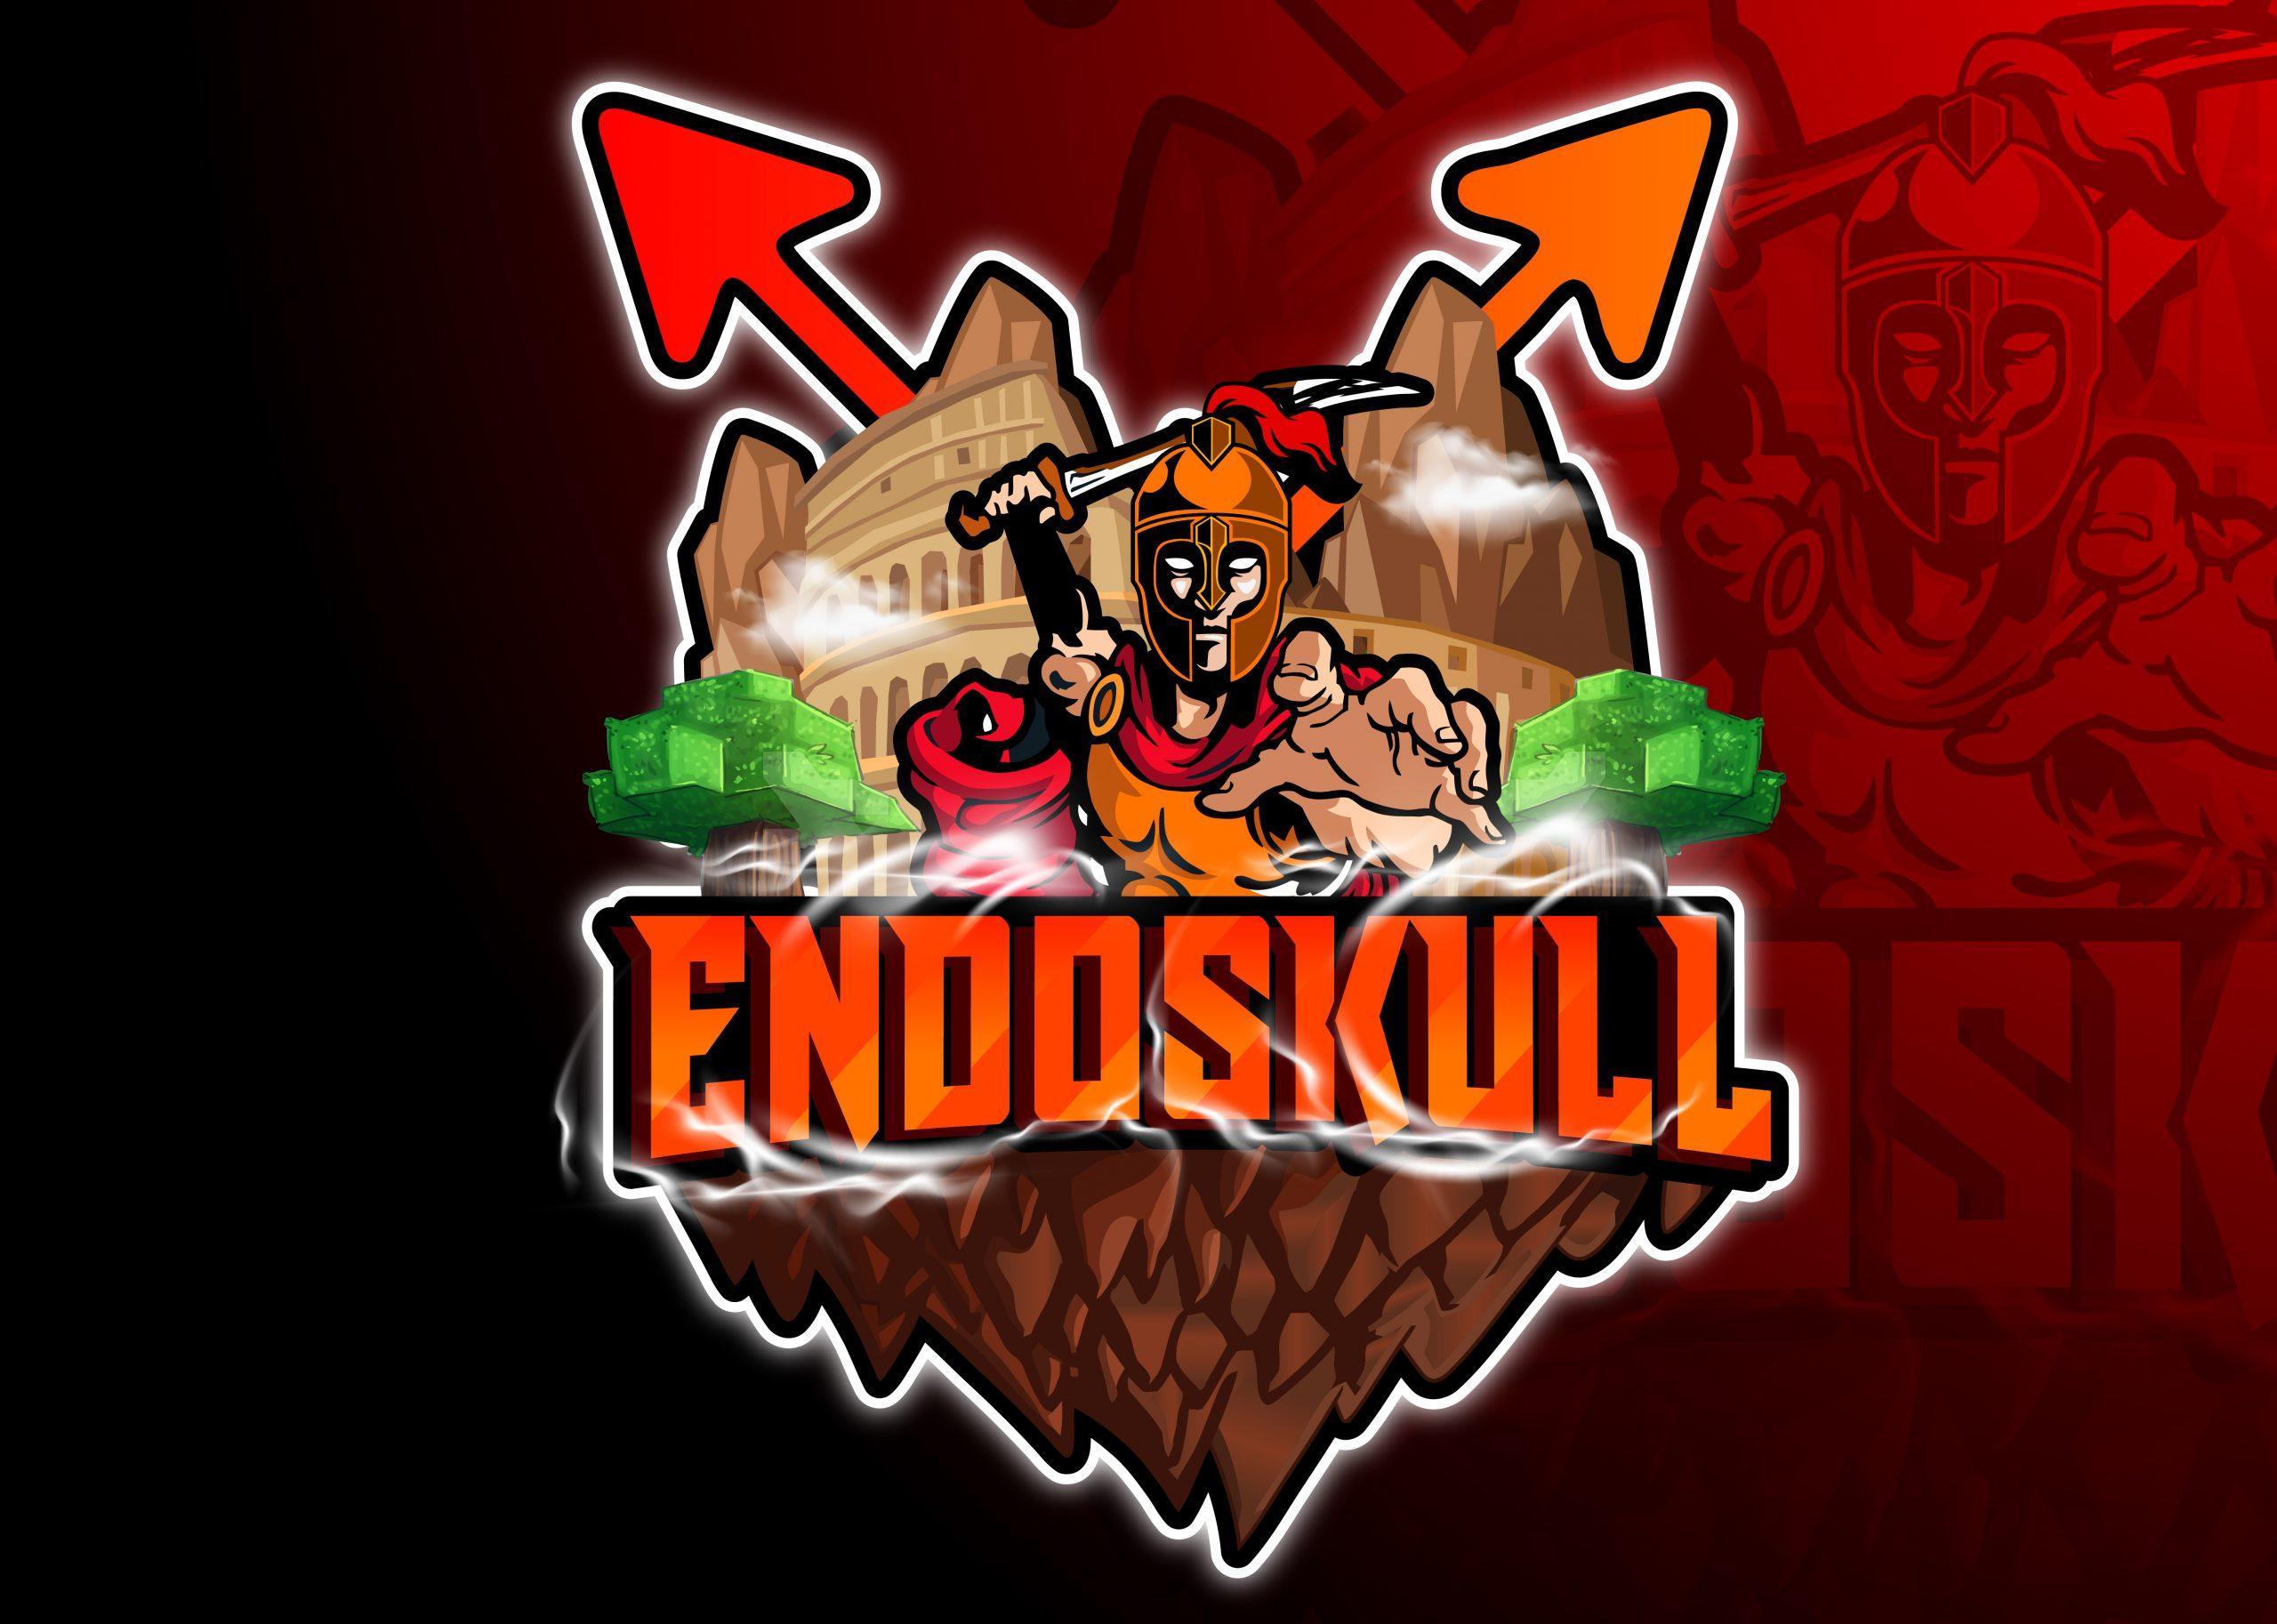 EndoSkull-01.jpeg